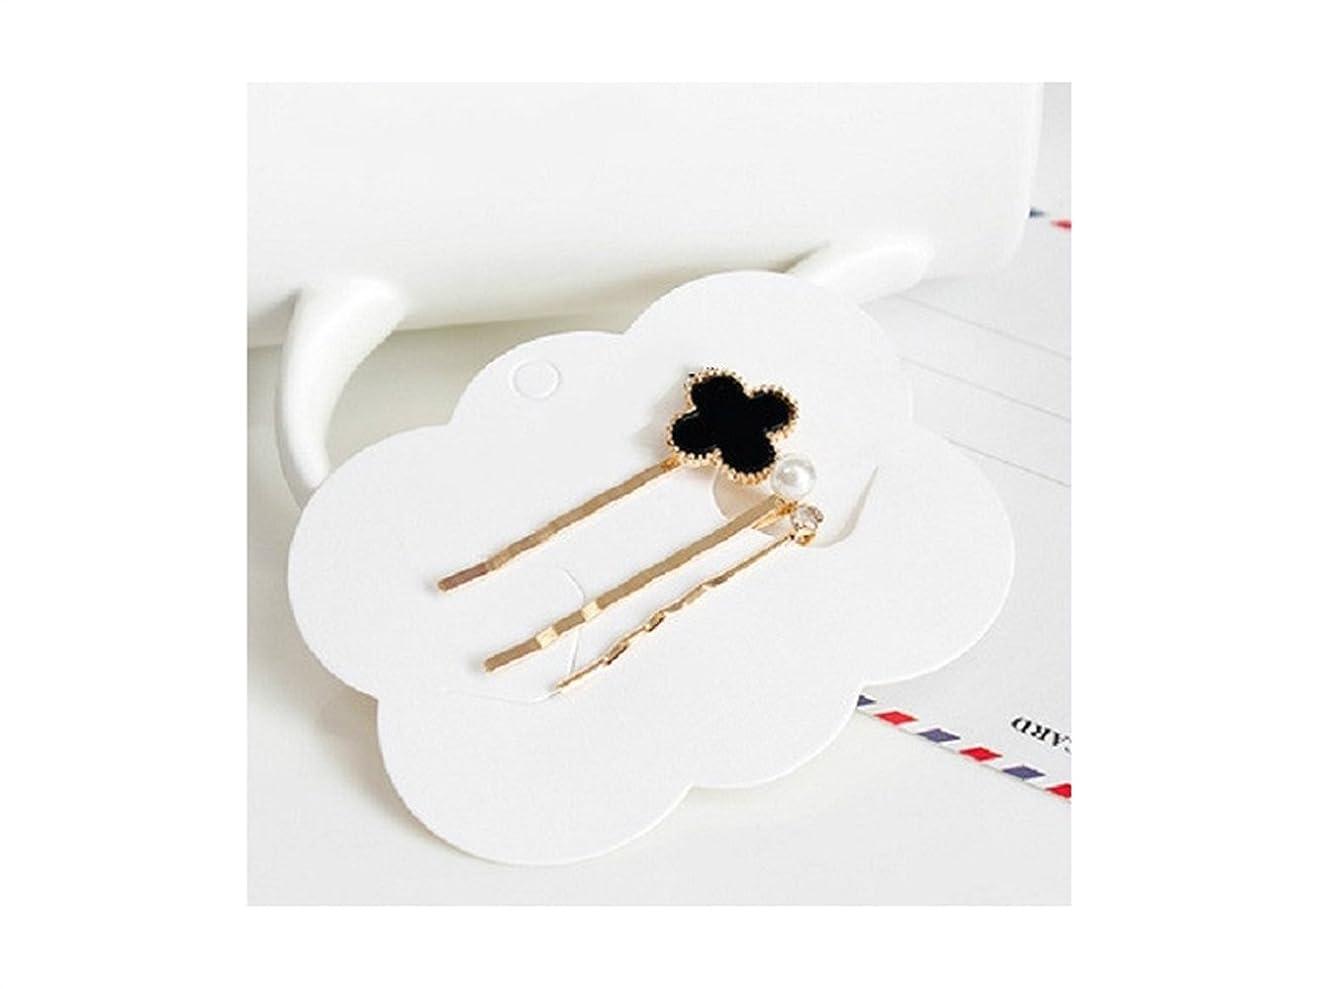 エキスパート振るヒロイックOsize 美しいスタイル 合金クローバーヘアクリップワンワードサイドクリップヘアピンヘアアクセサリー(ブラック)